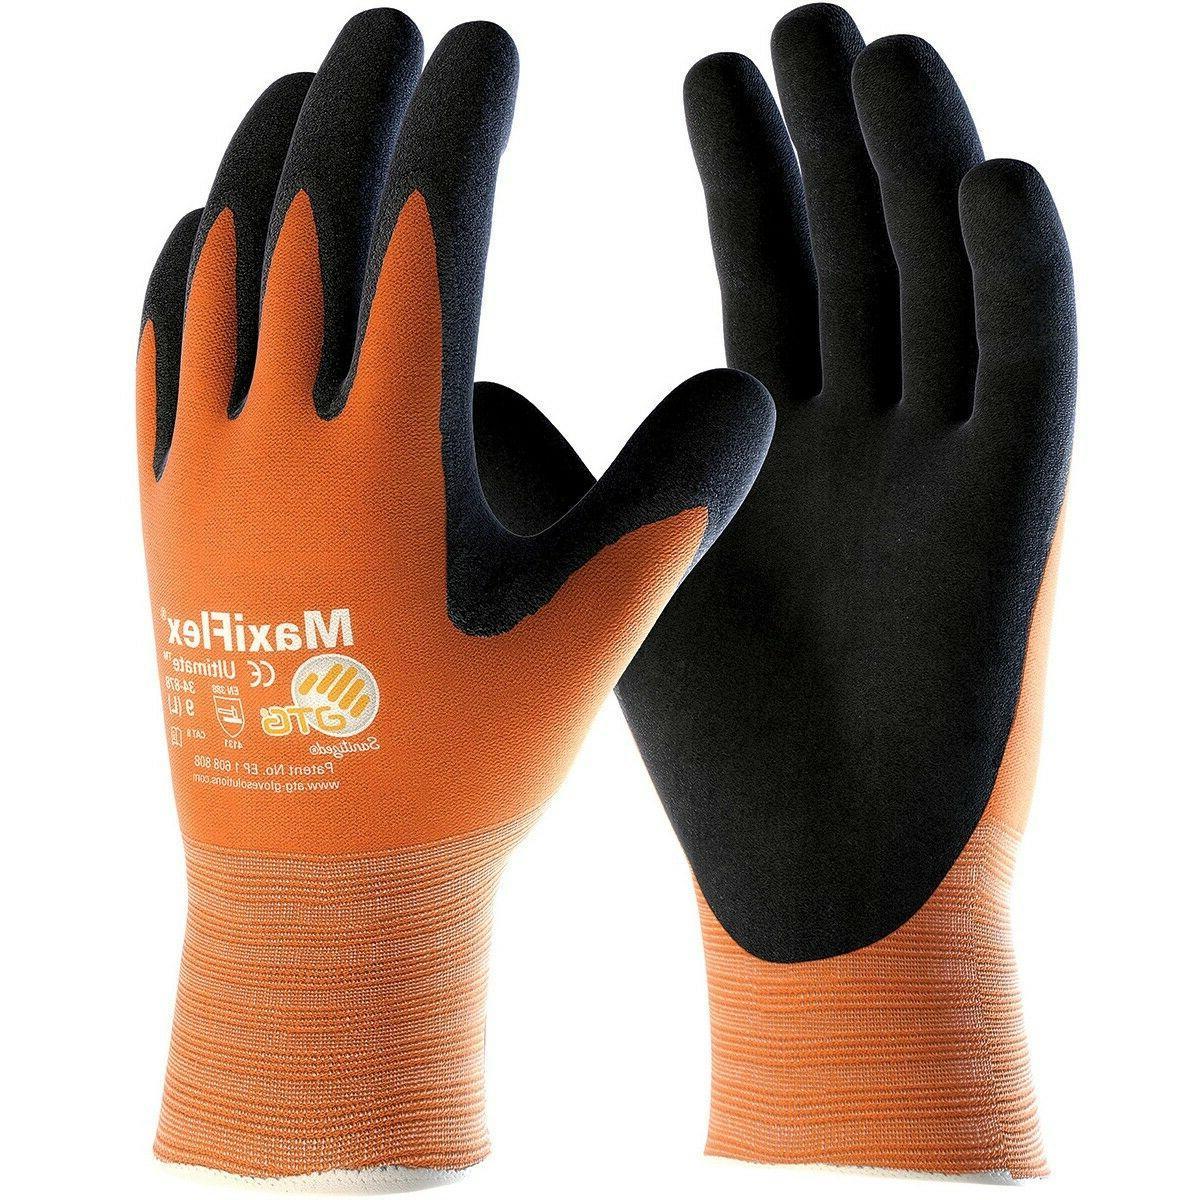 maxiflex ultimate nitrile foam coated nylon work